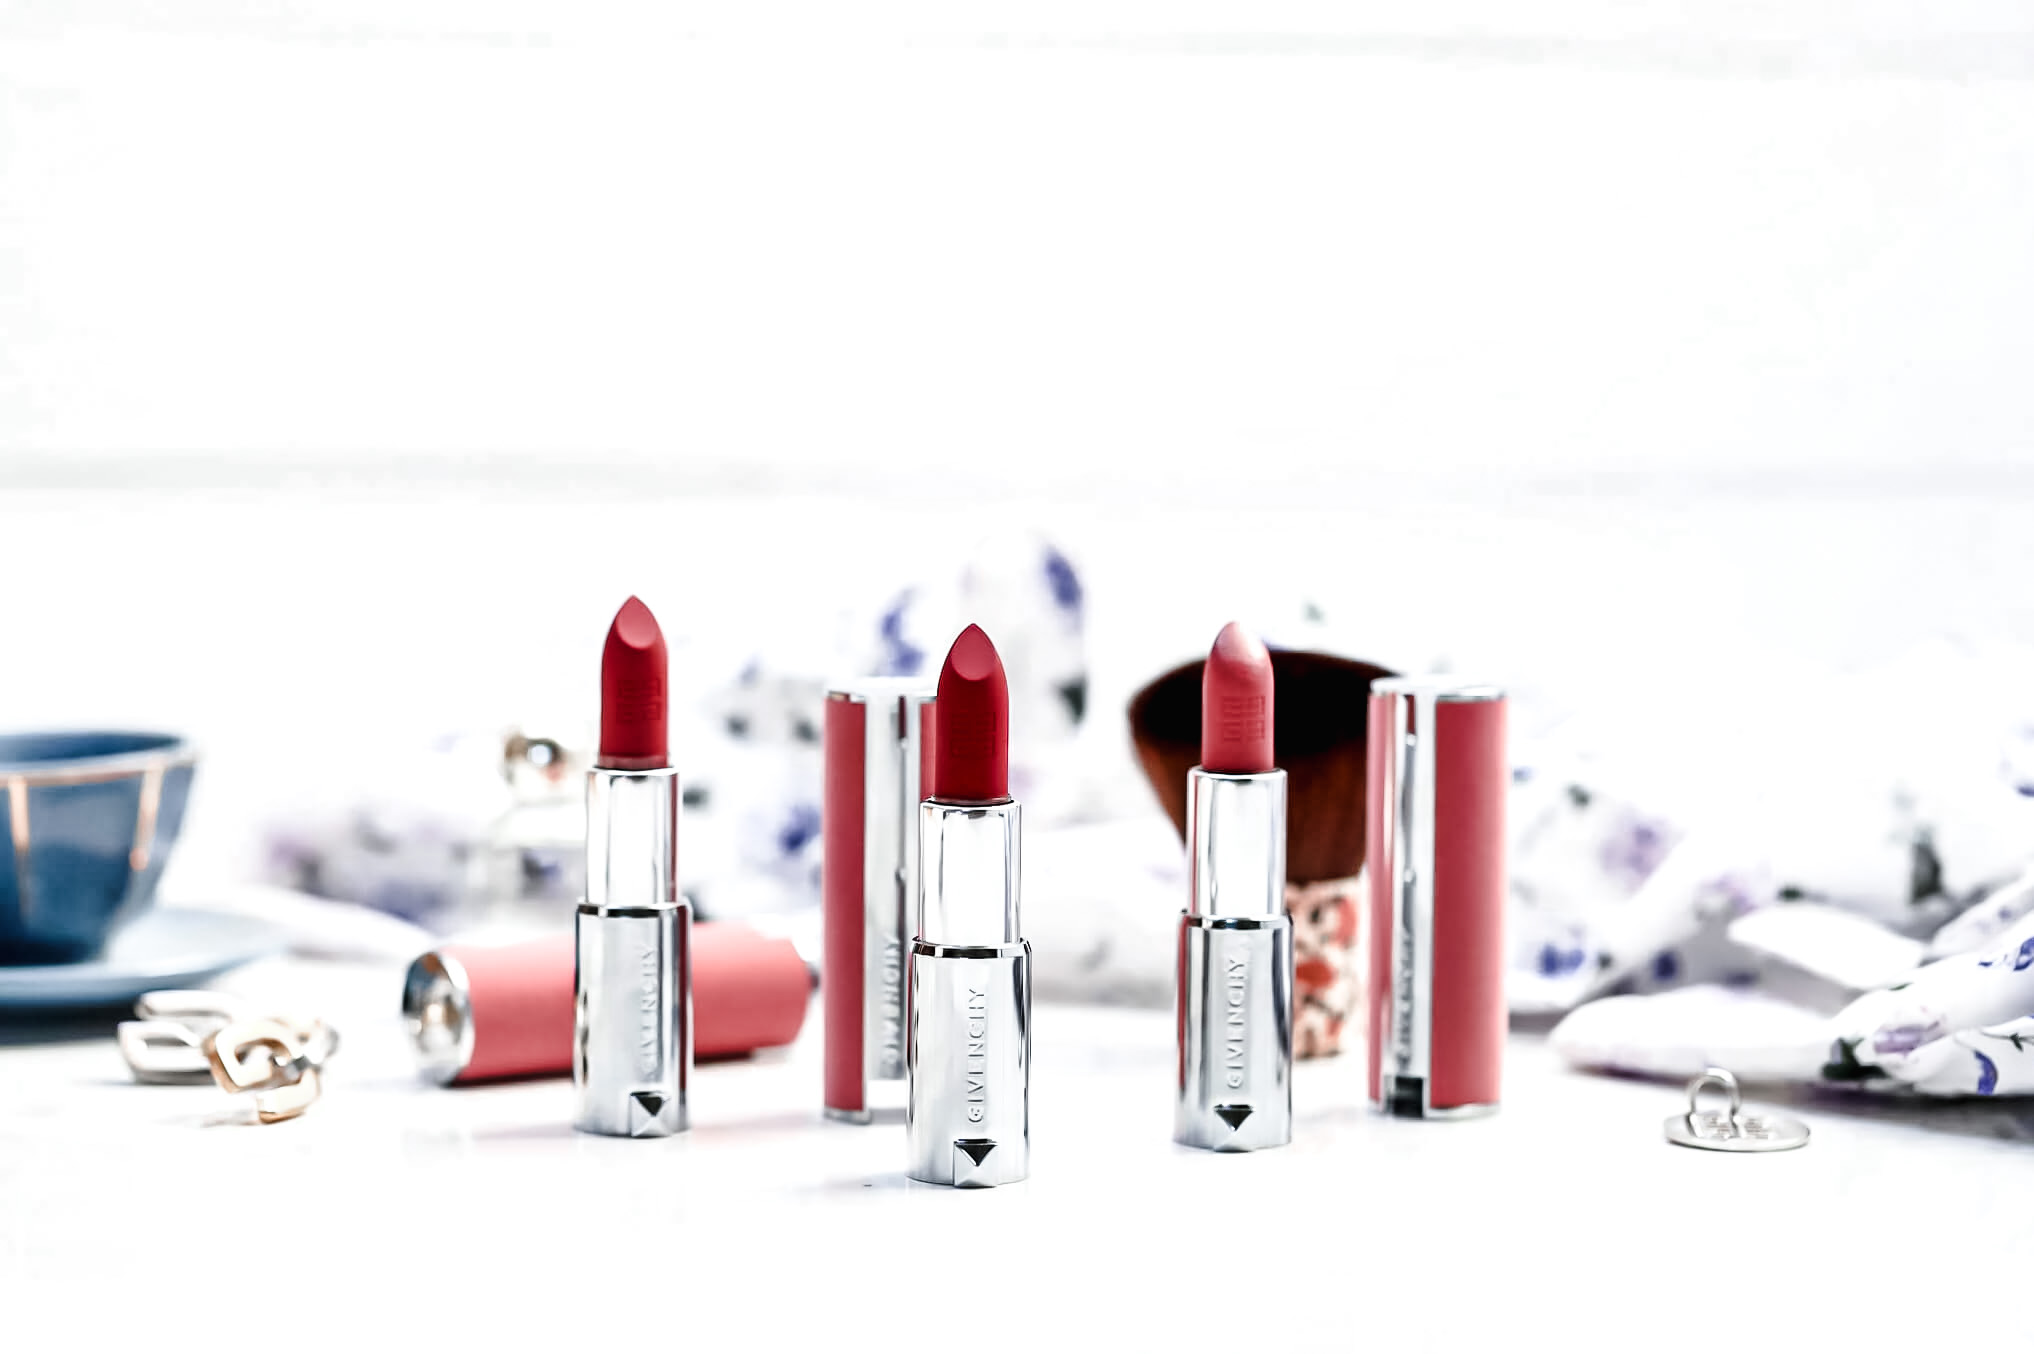 Givenchy Le Rouge Sheer Velvet test